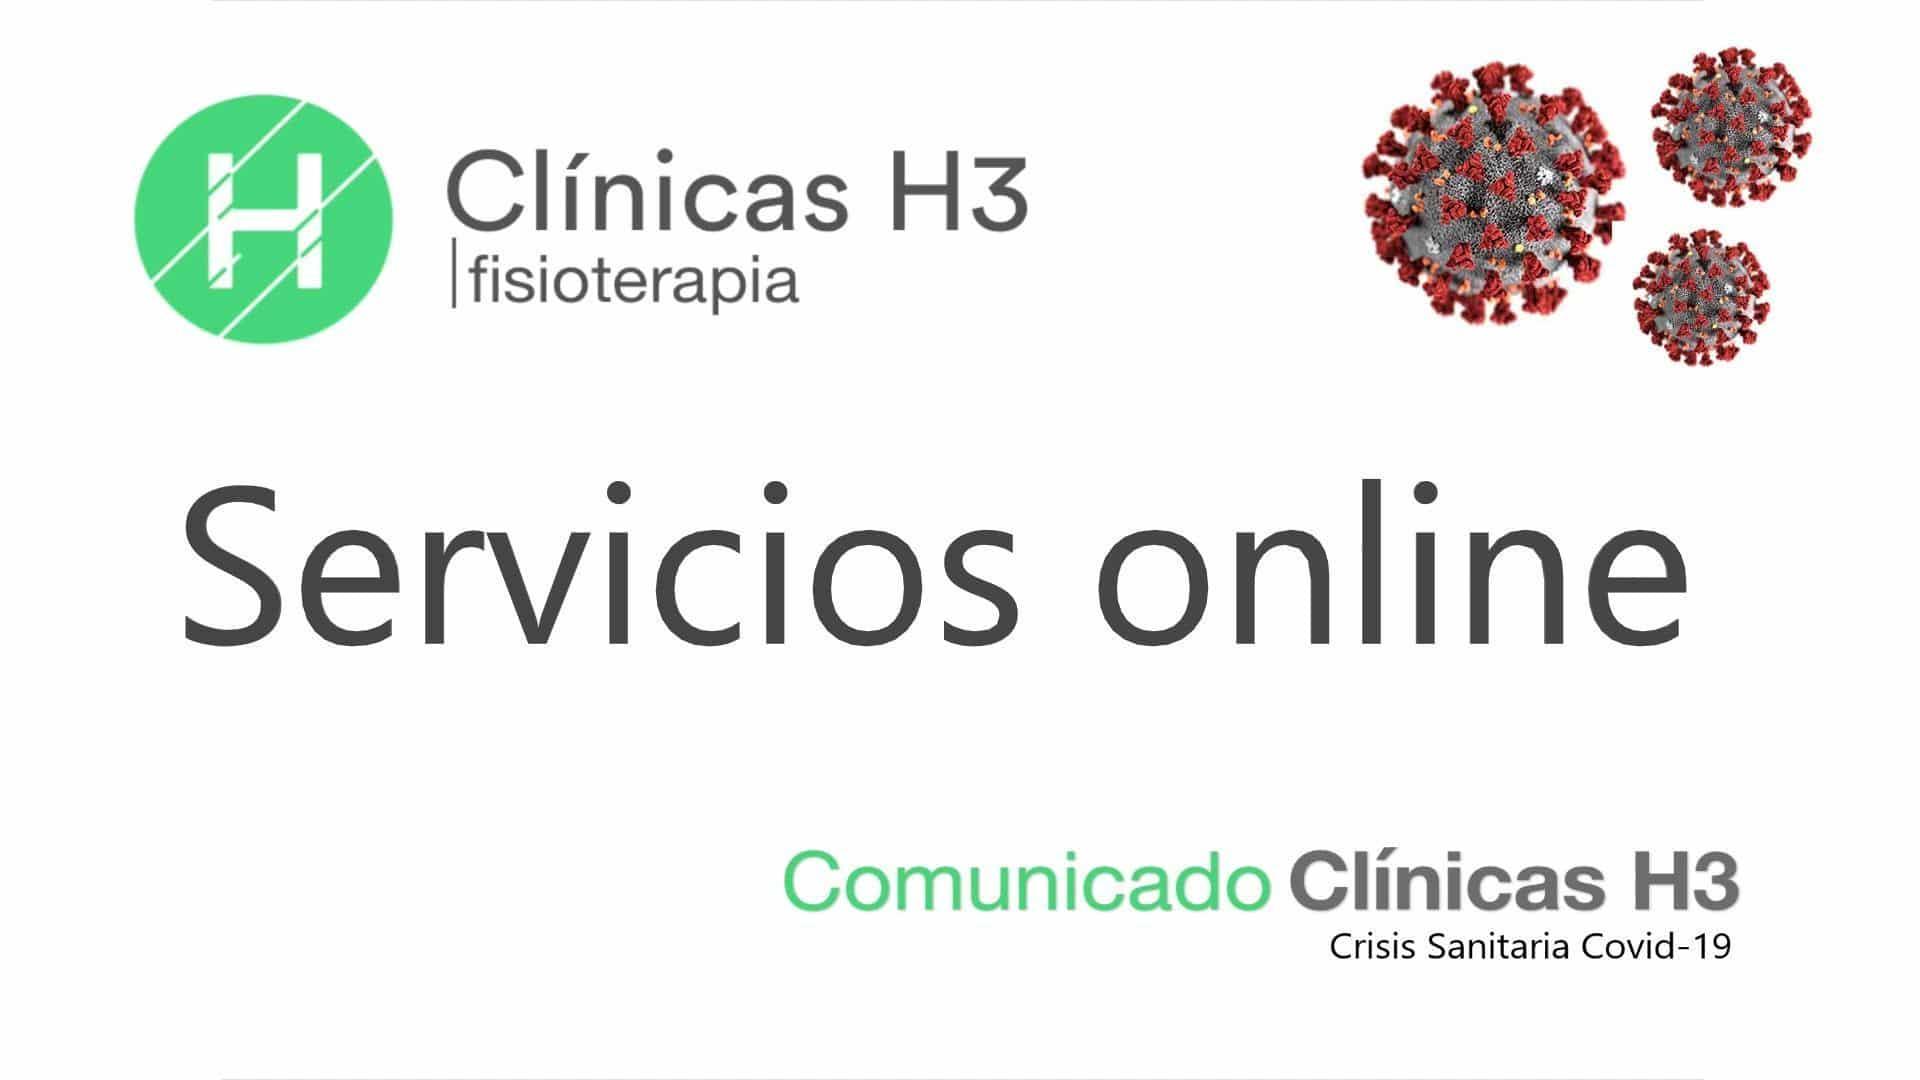 Servicios de fisioterapia en Madrid, cosulta online, crisis coronavirus